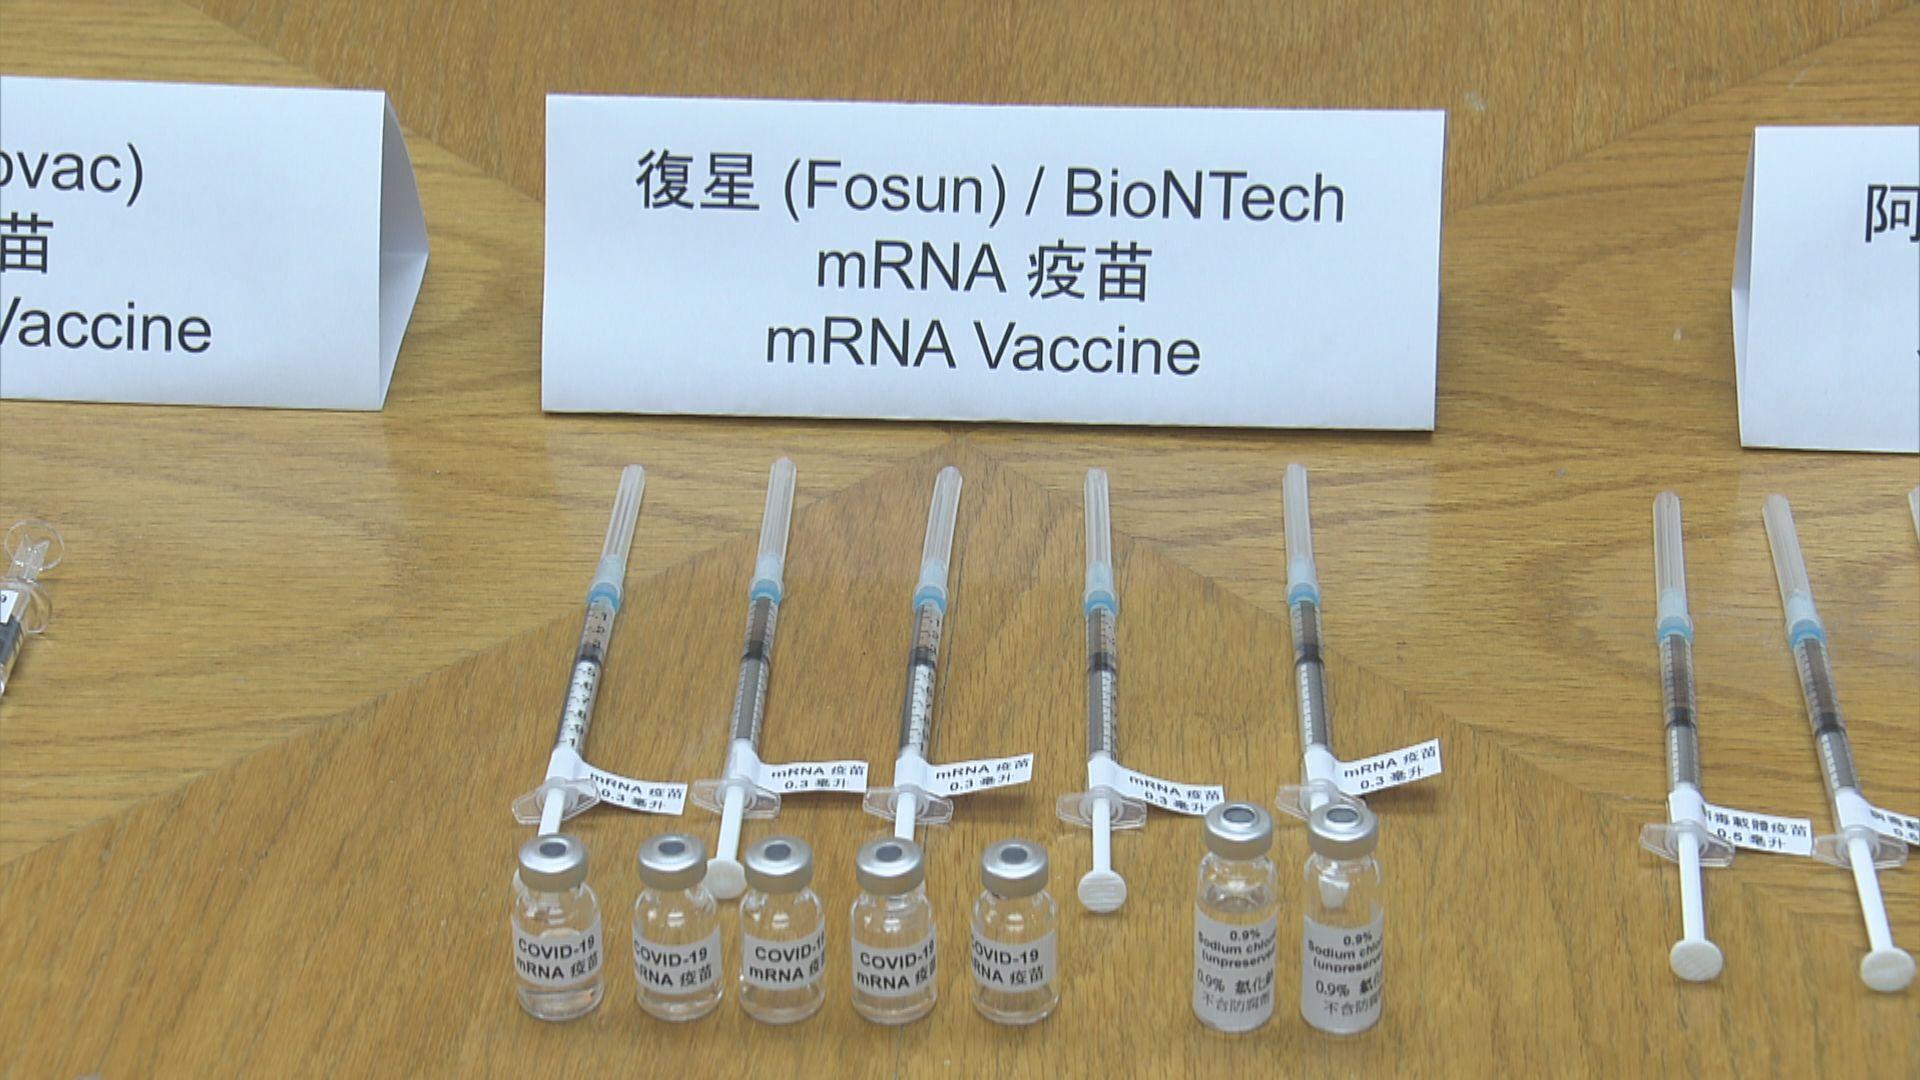 科學委員會倡體弱長者接種新冠疫苗須個別評估風險